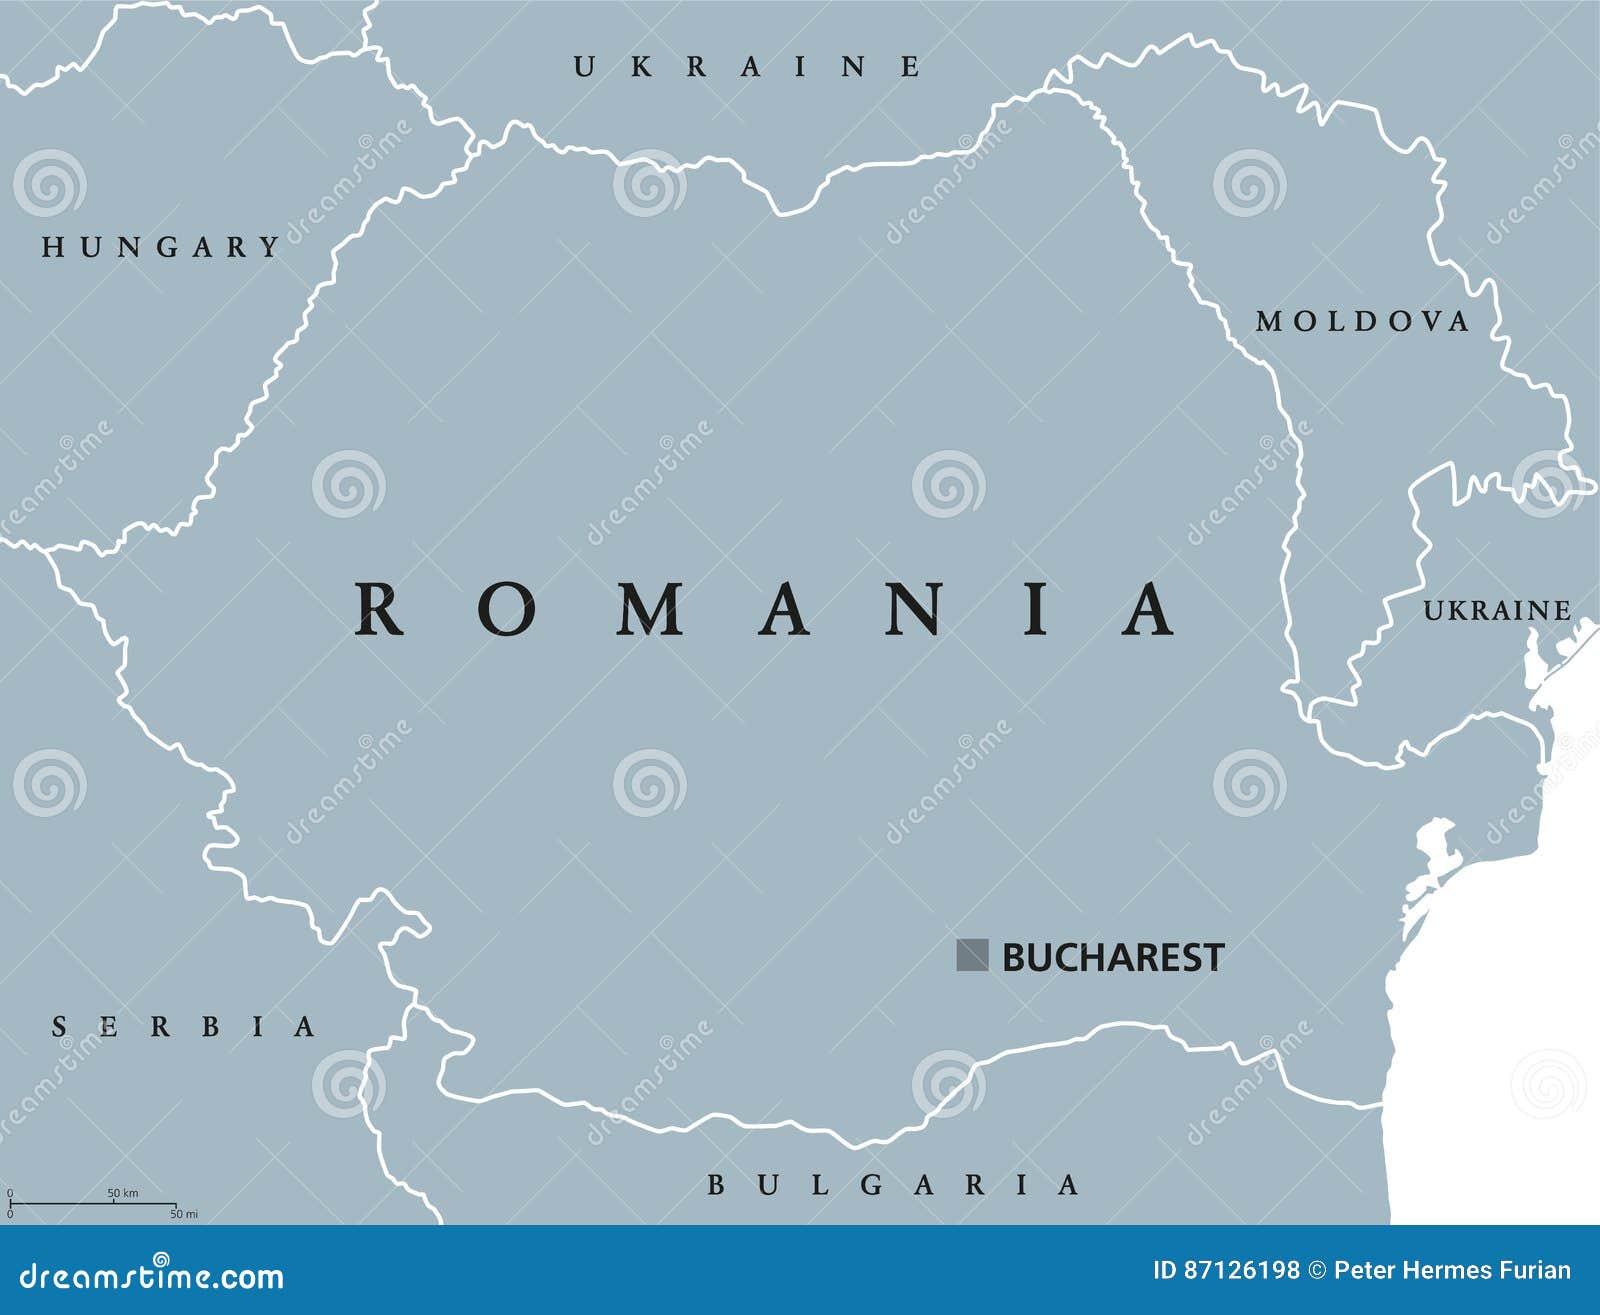 Cartina Dettagliata Romania.Mappa Politica Della Romania Illustrazione Vettoriale Illustrazione Di Cartografia Romania 87126198